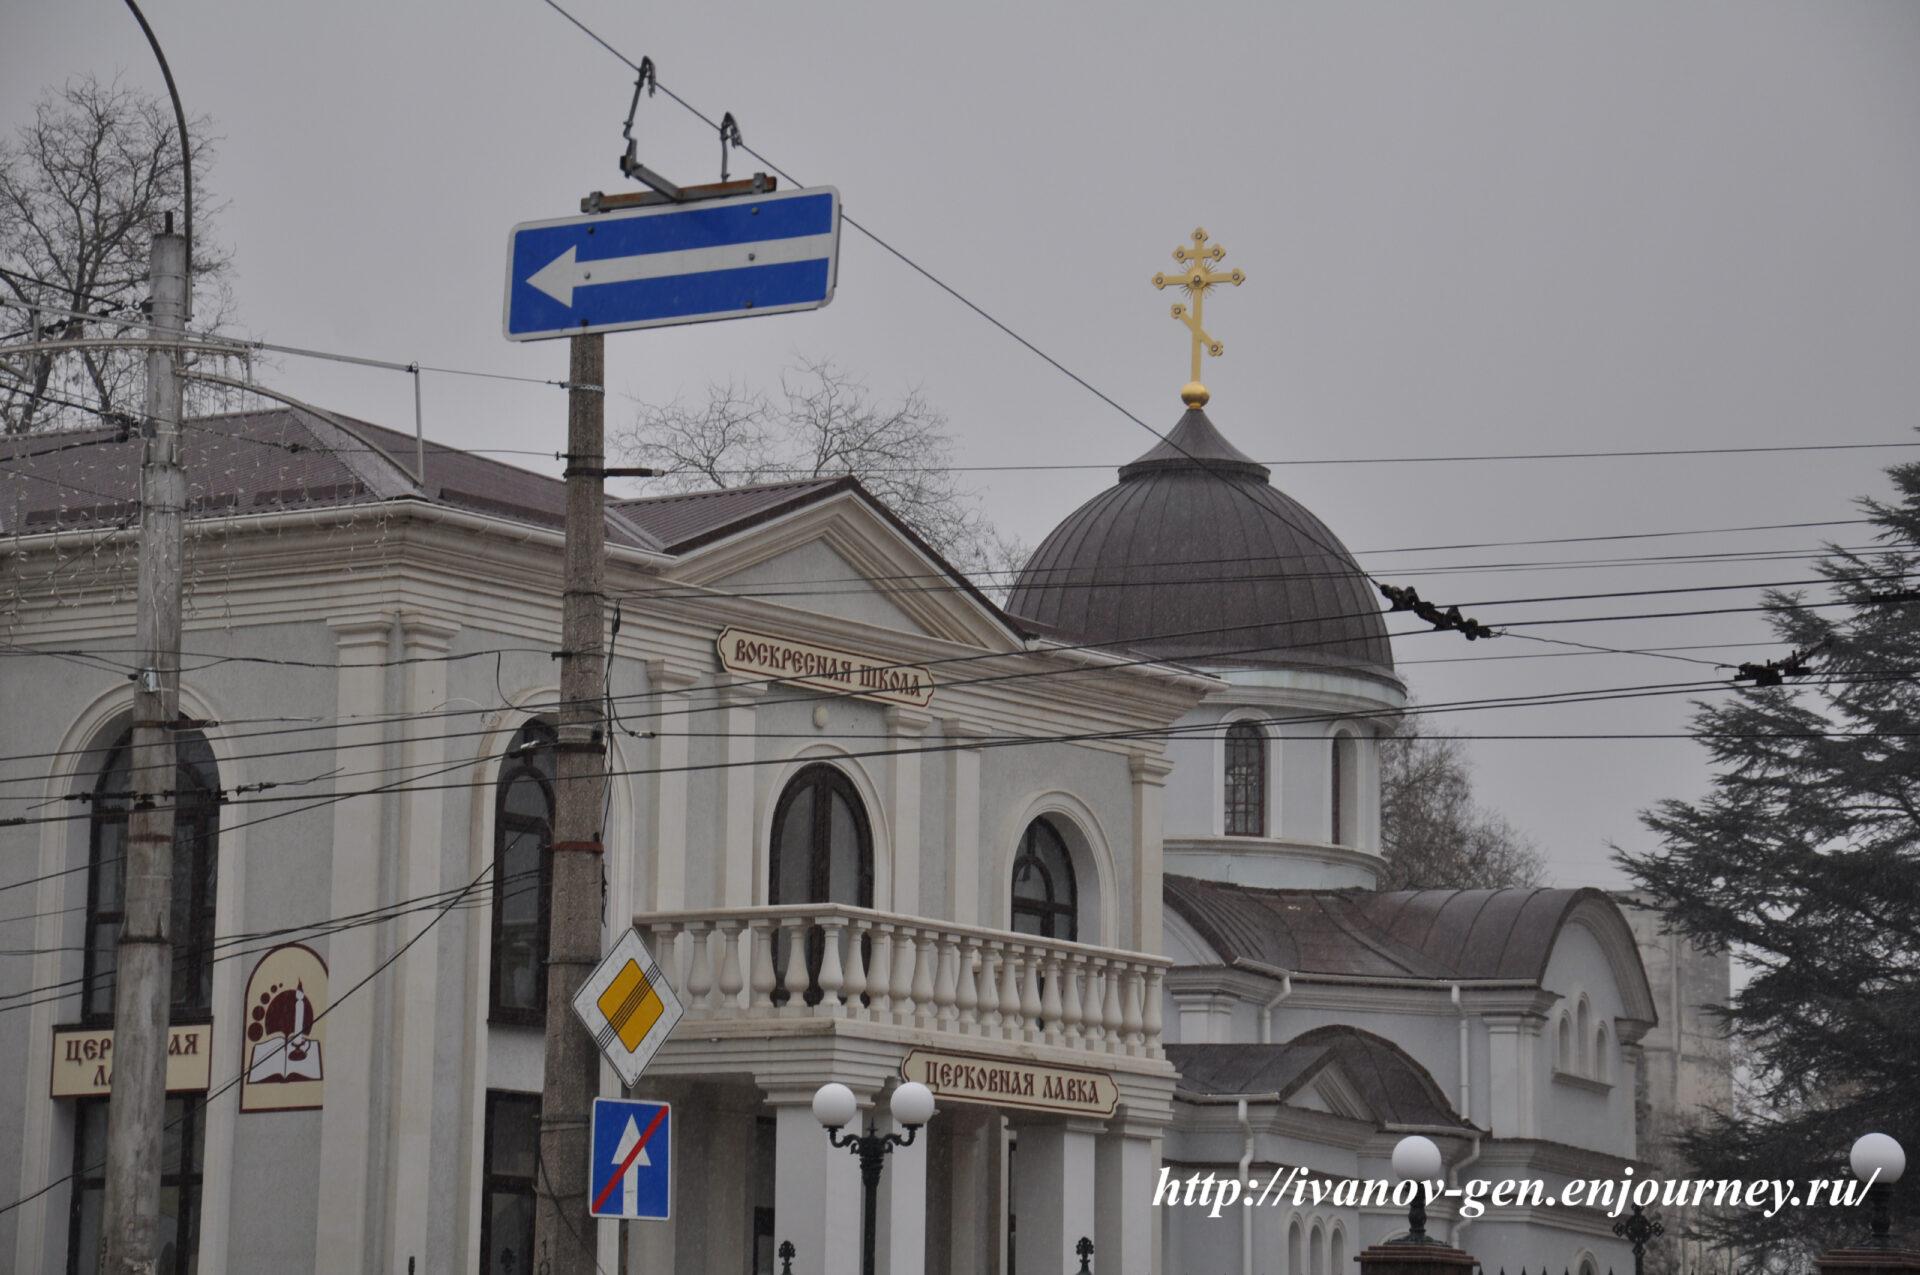 Крымские каникулы. Часть 2. Симферополь